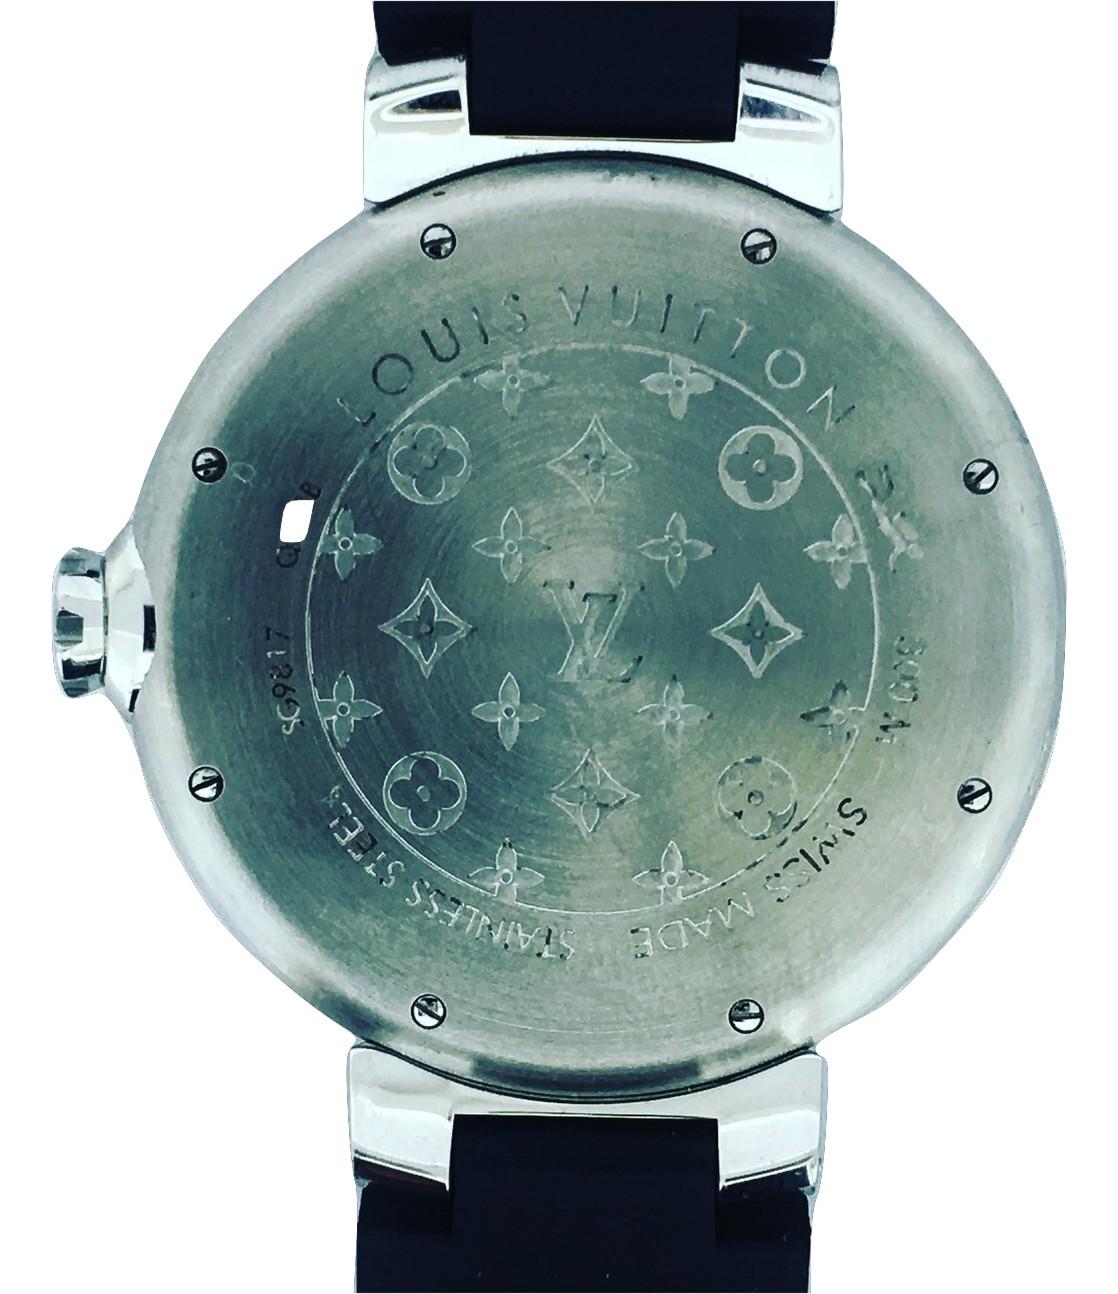 Montre occasion Louis Vuitton Tambour Diving.